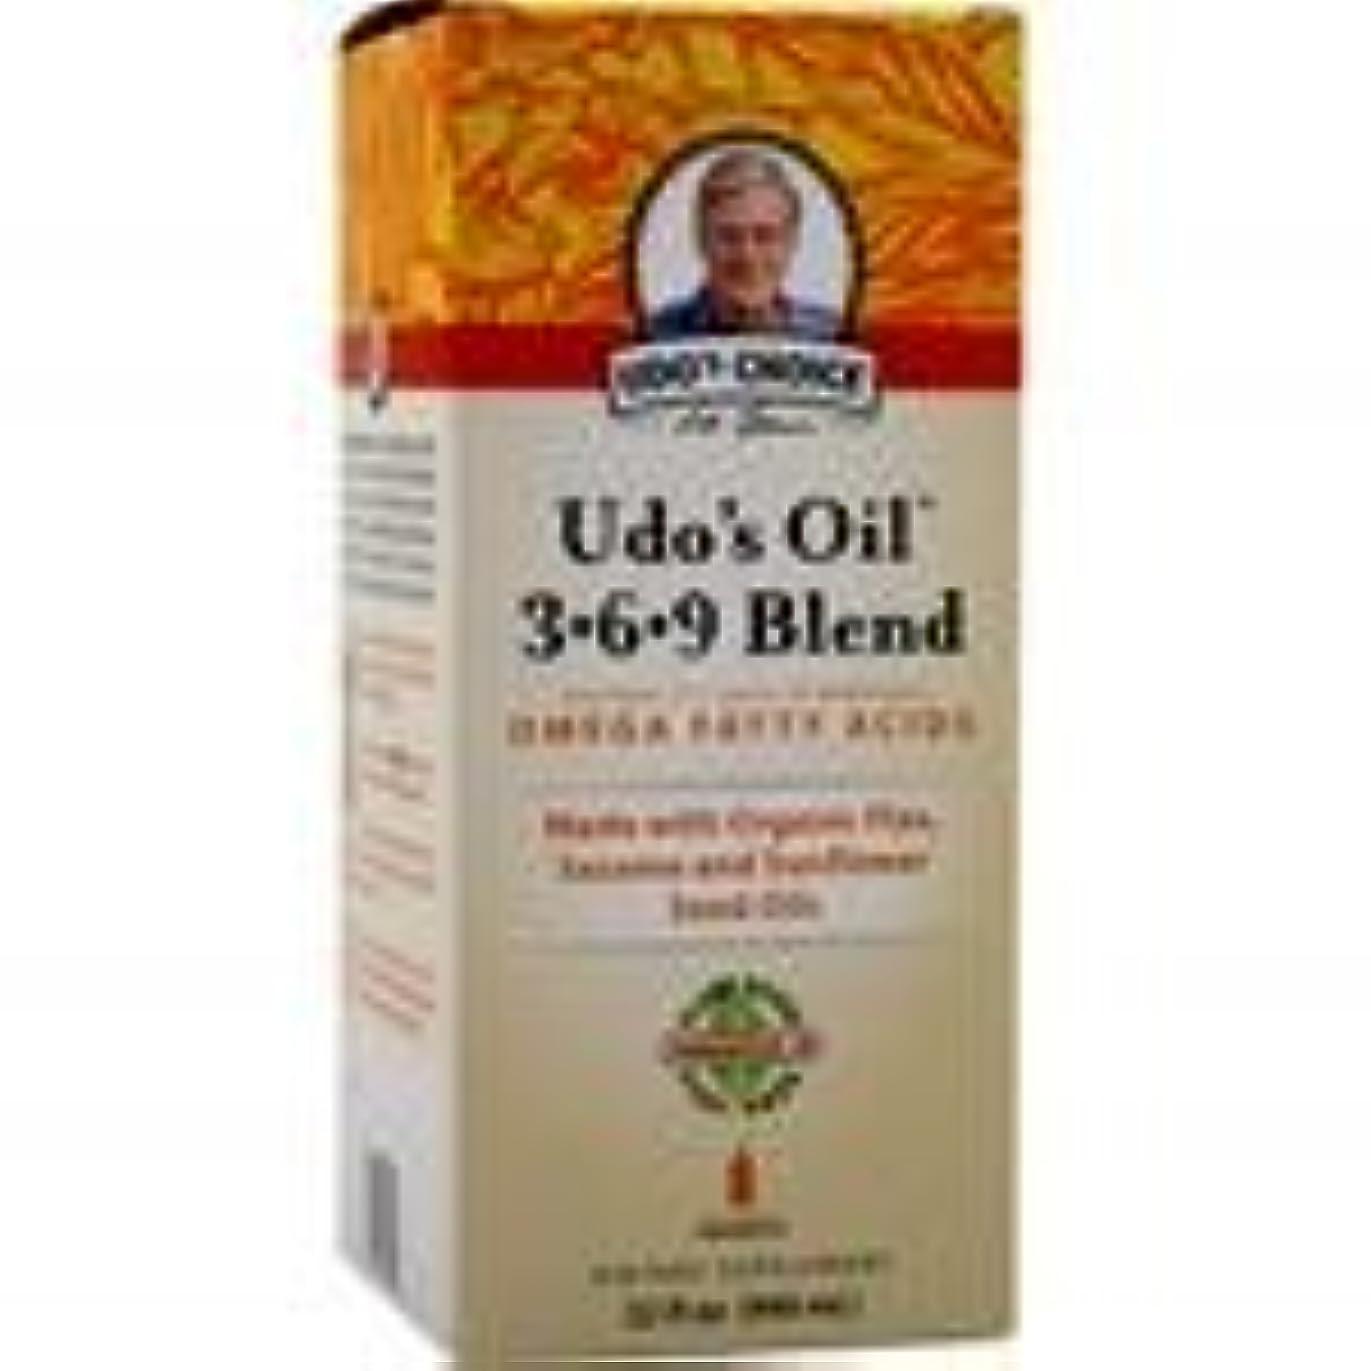 不実報告書求人Udo's Oil 3-6-9 Blend Liquid 32 fl.oz 4個パック